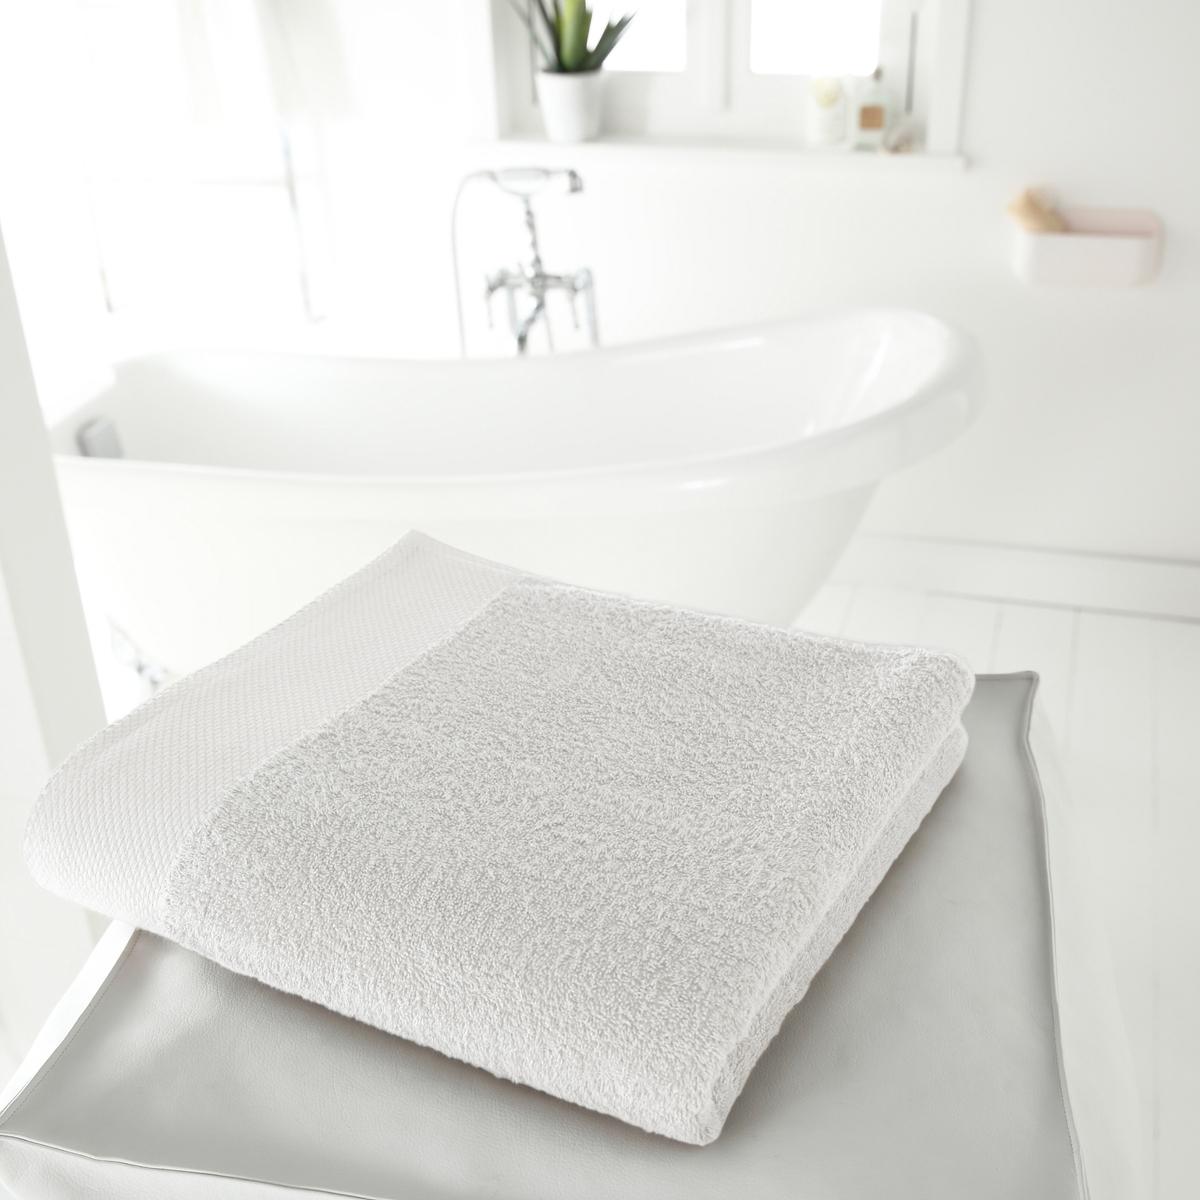 Полотенце банное большое, 420 г/м² от La Redoute